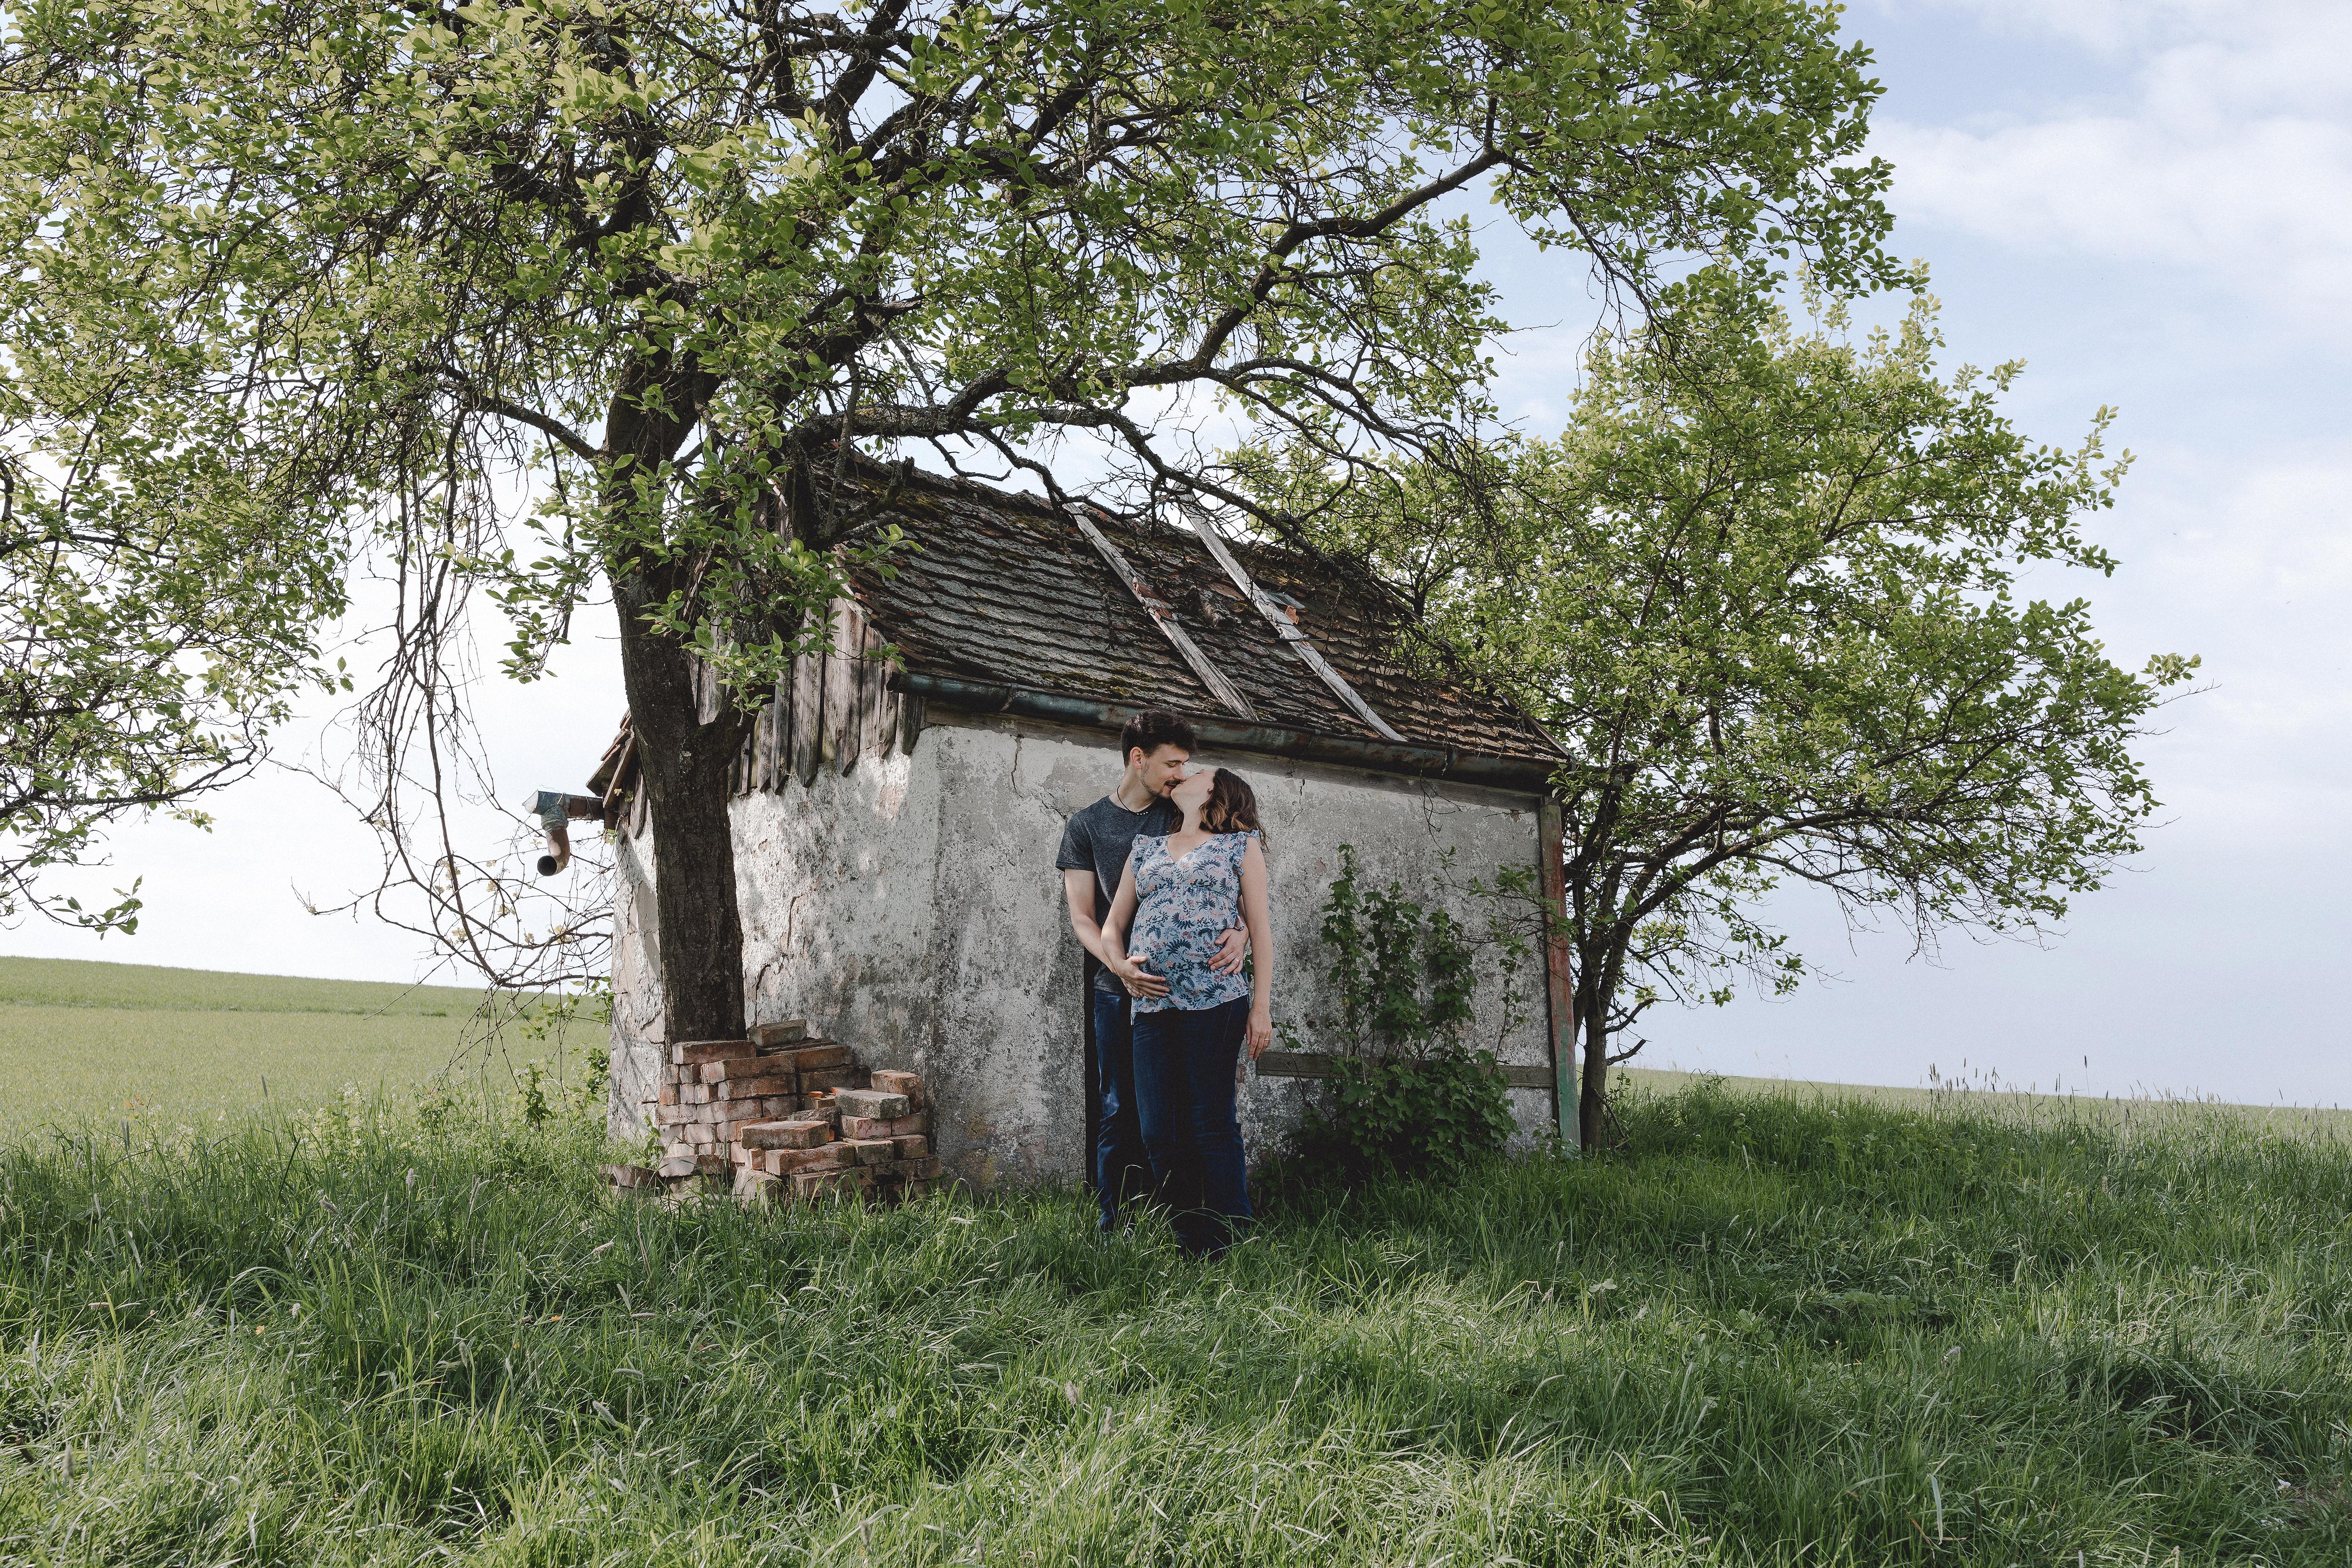 URBANERIE_Daniela_Goth_Vintage_Fotografin_Nuernberg_Fuerth_Erlangen_180428_001_0251